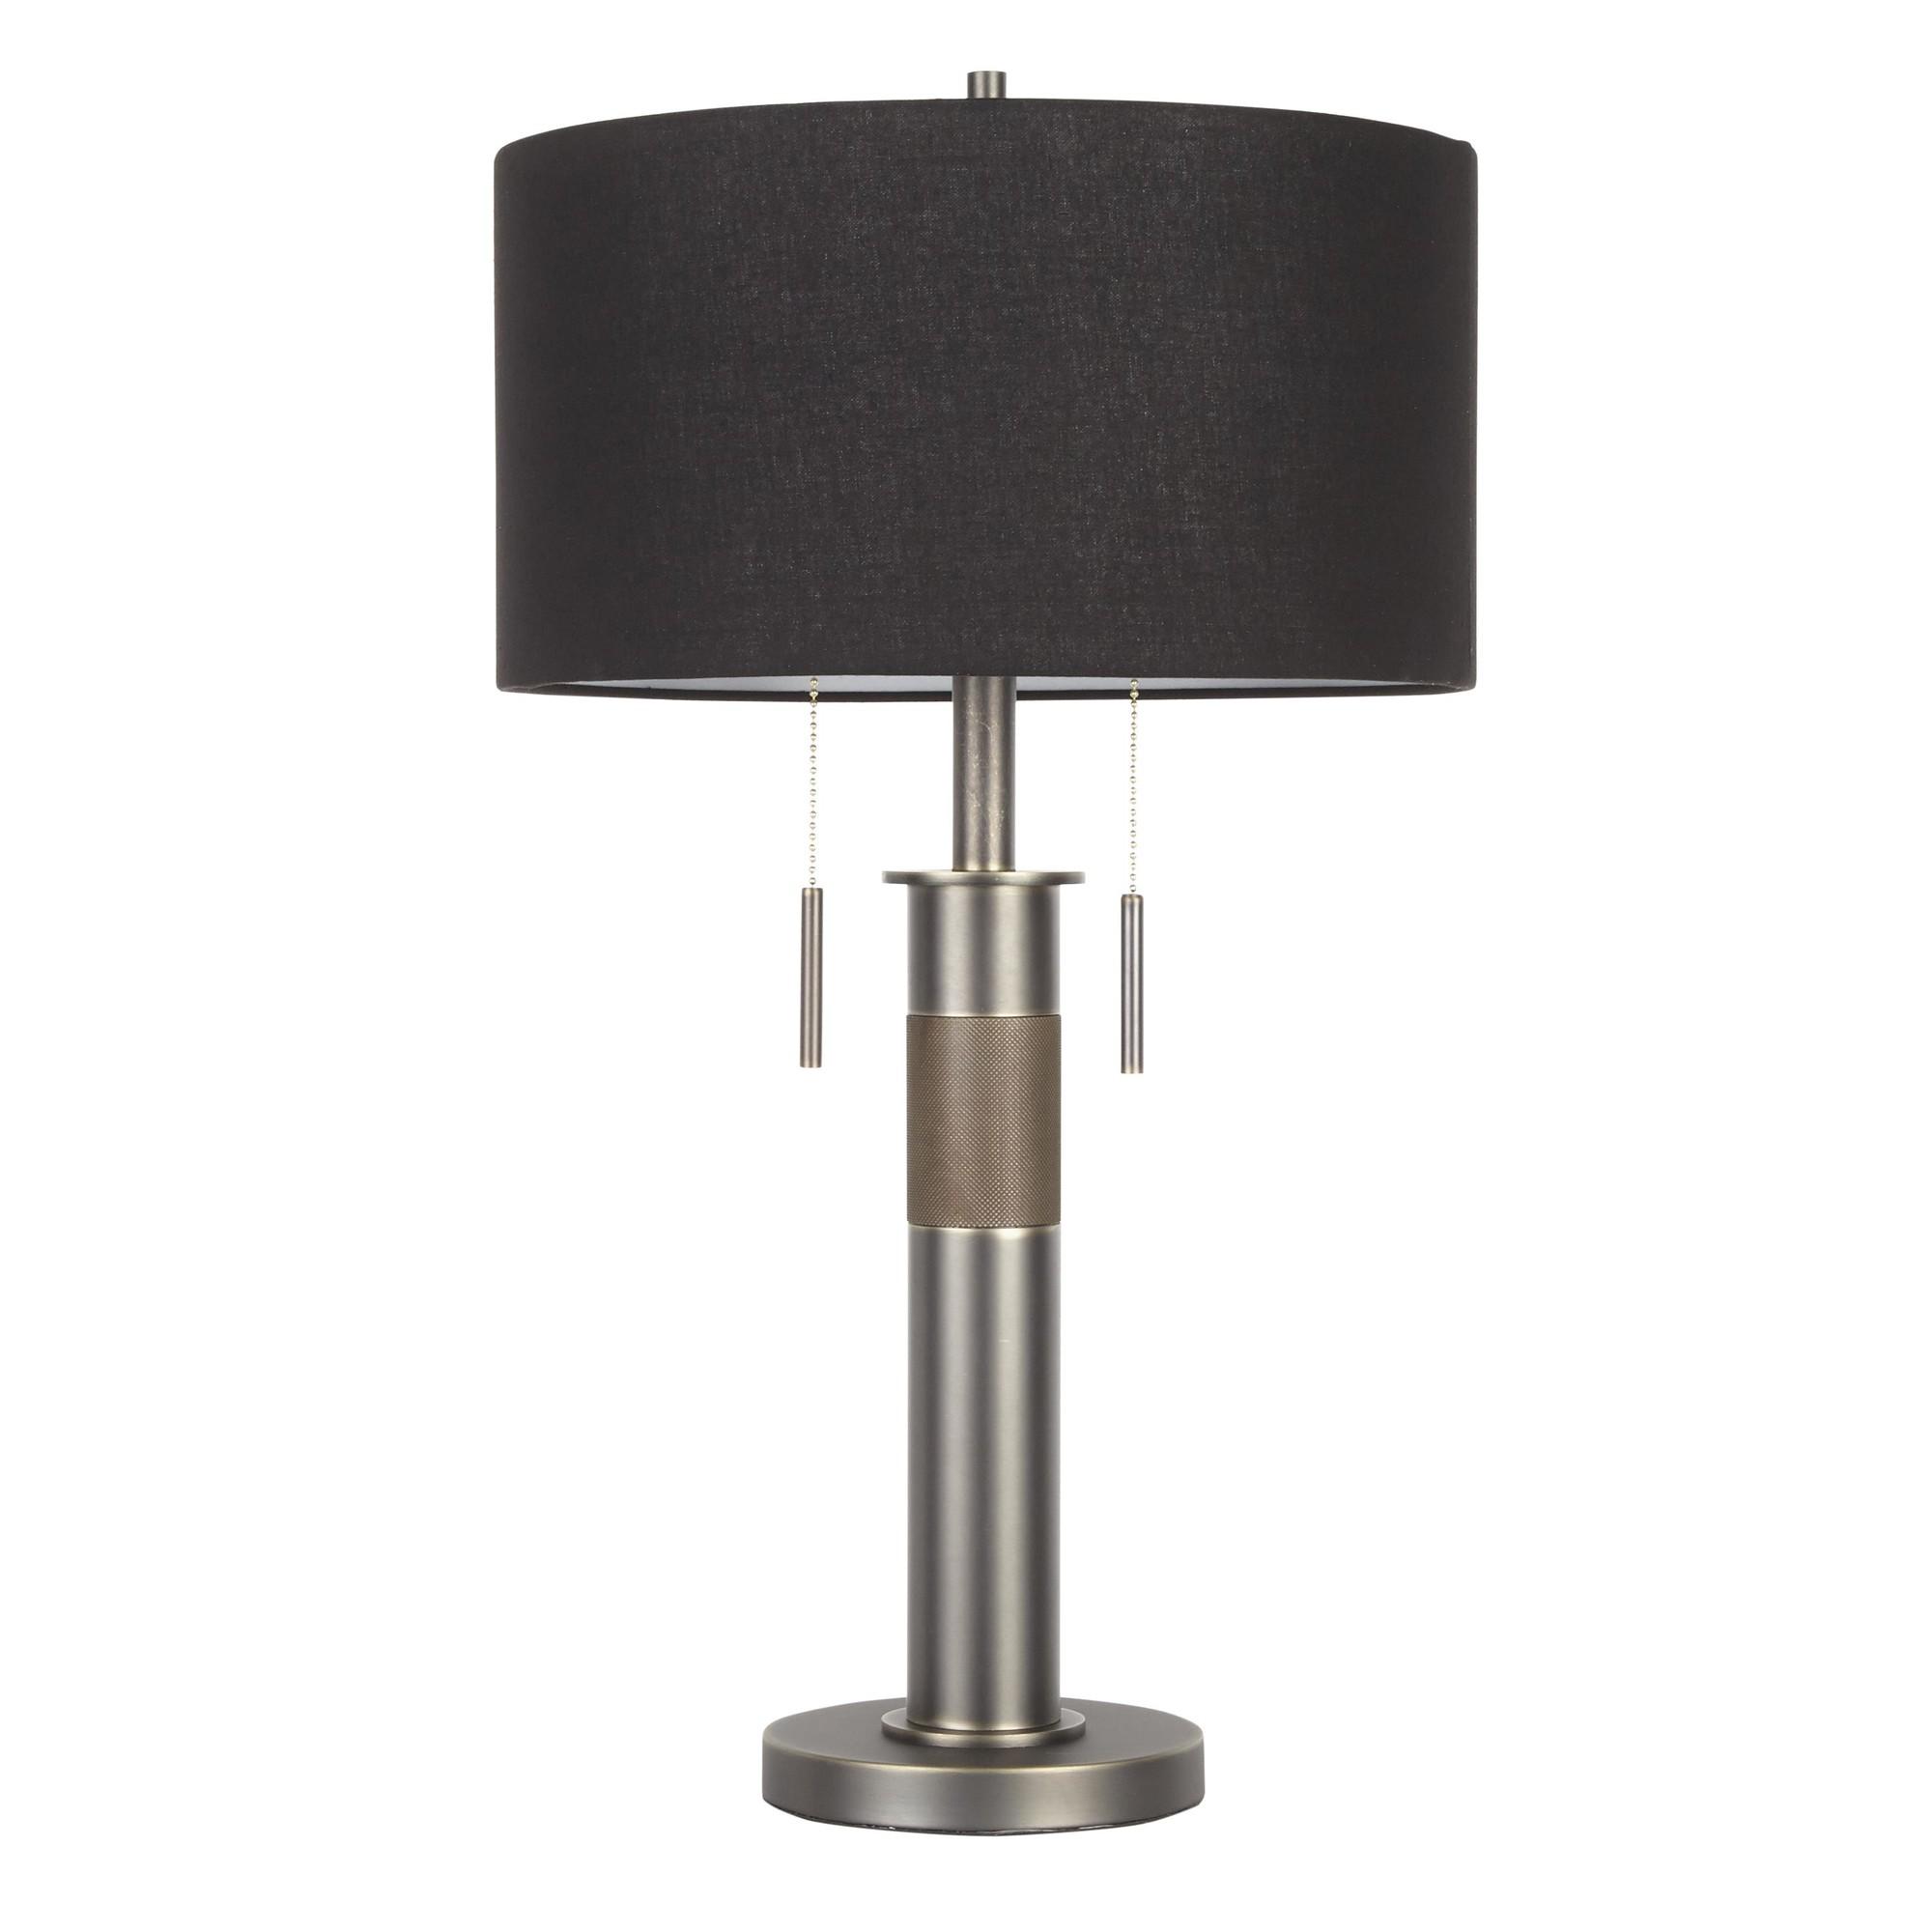 Shade   Metal   Table   Black   Lamp   Gun